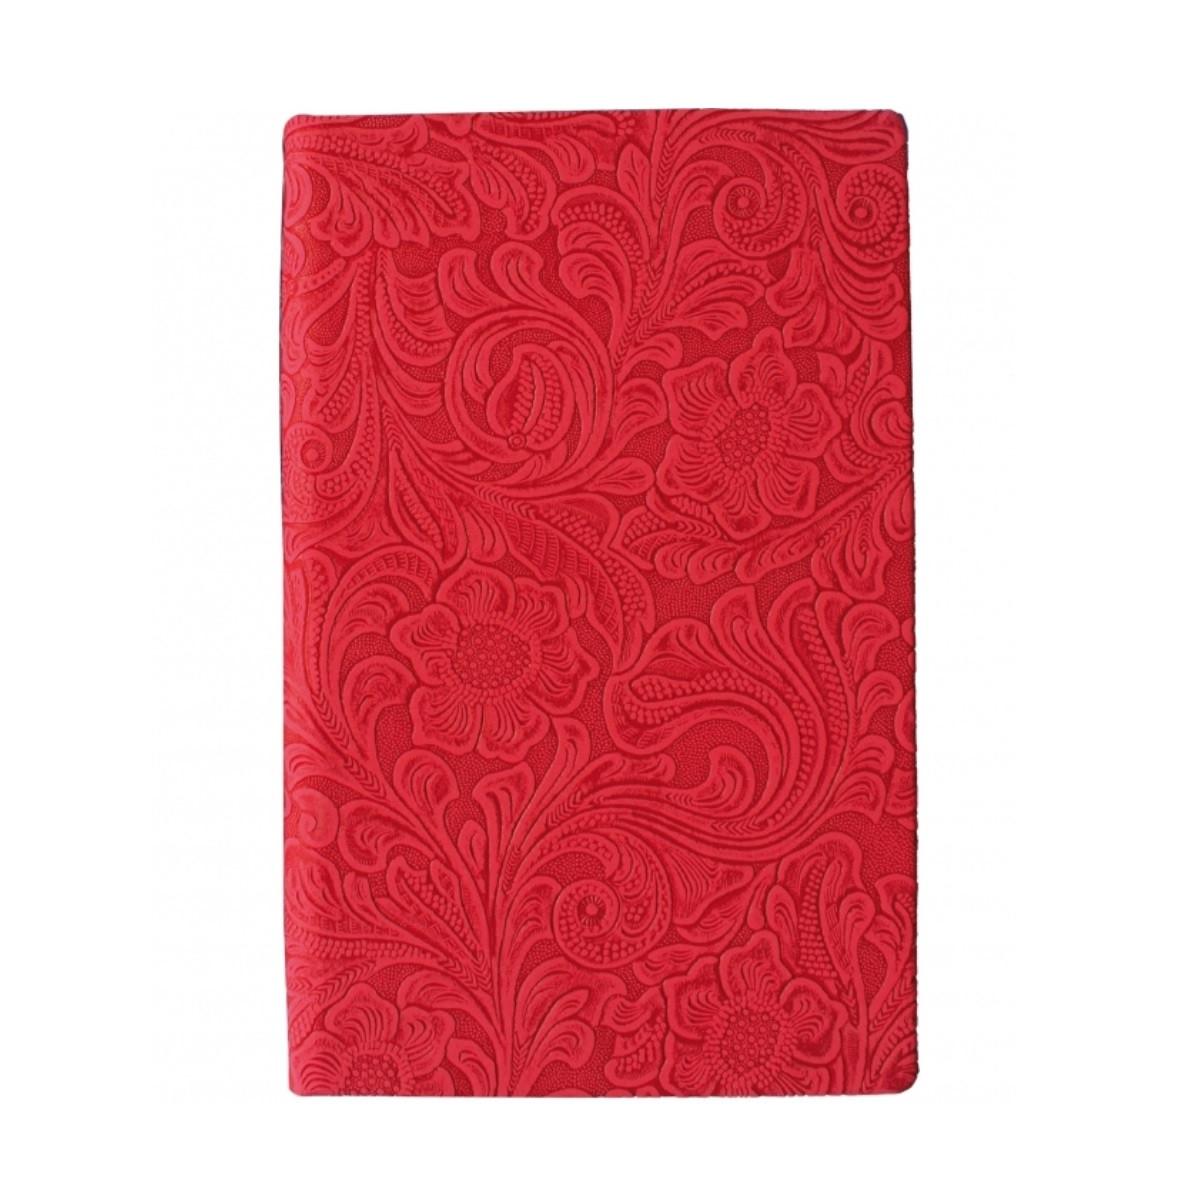 """Скетчбук А5, 64 л. """"Lady"""" твёрдая обложка, тиснение, Красный, 20815-03"""